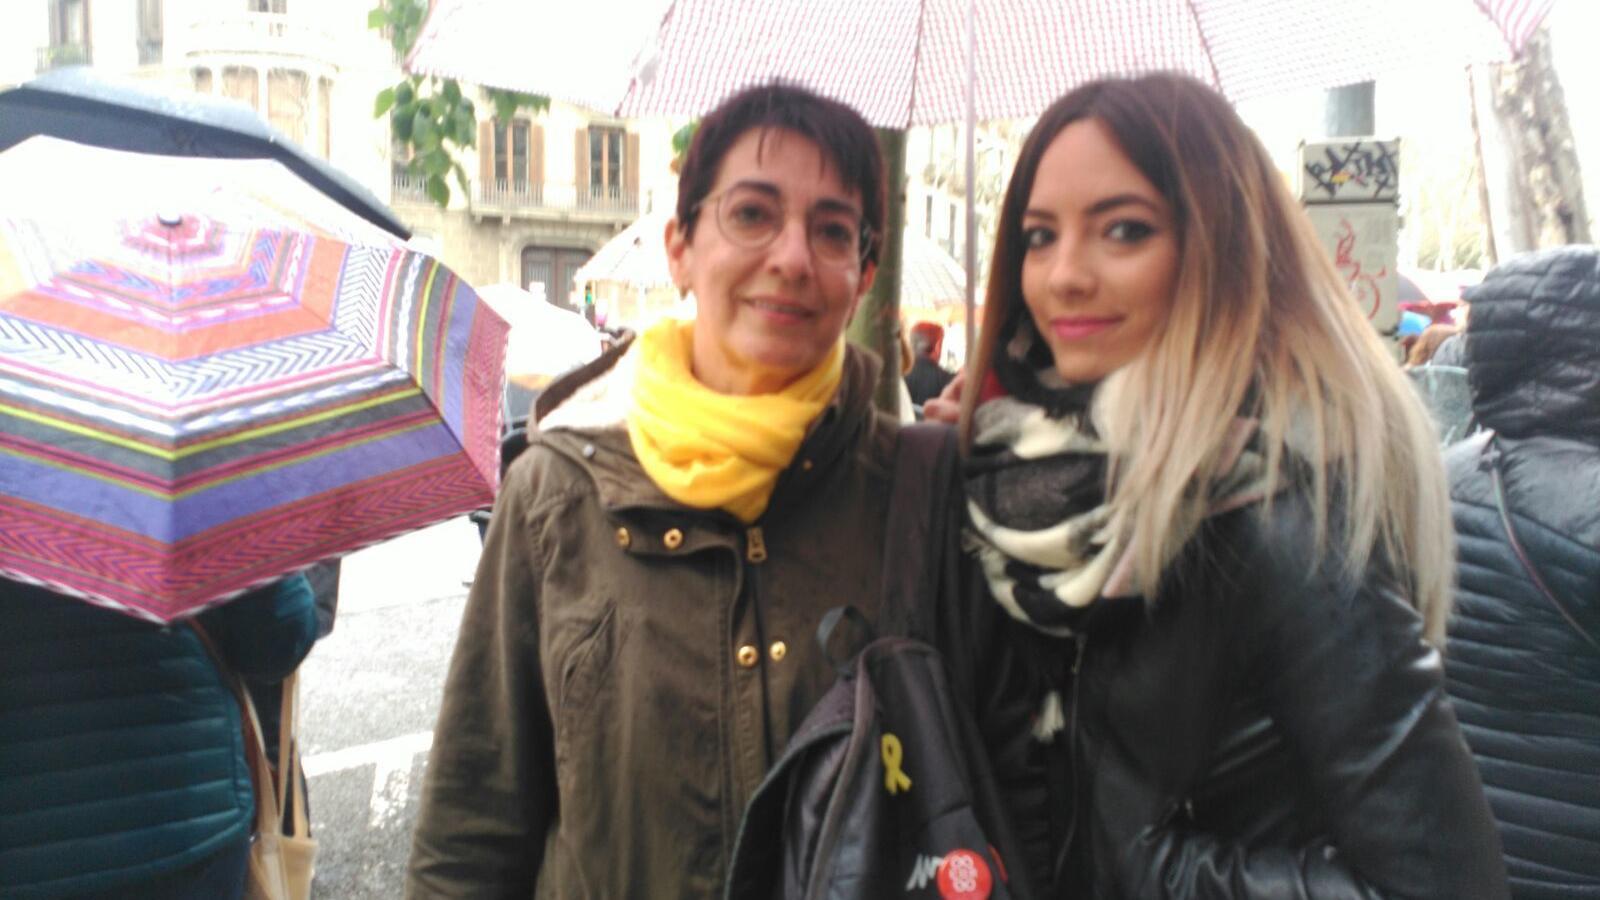 Cristina Sánchez i l'Adriana Tarrida, mare i filla,  es manifesten en defensa de l'escola catalana